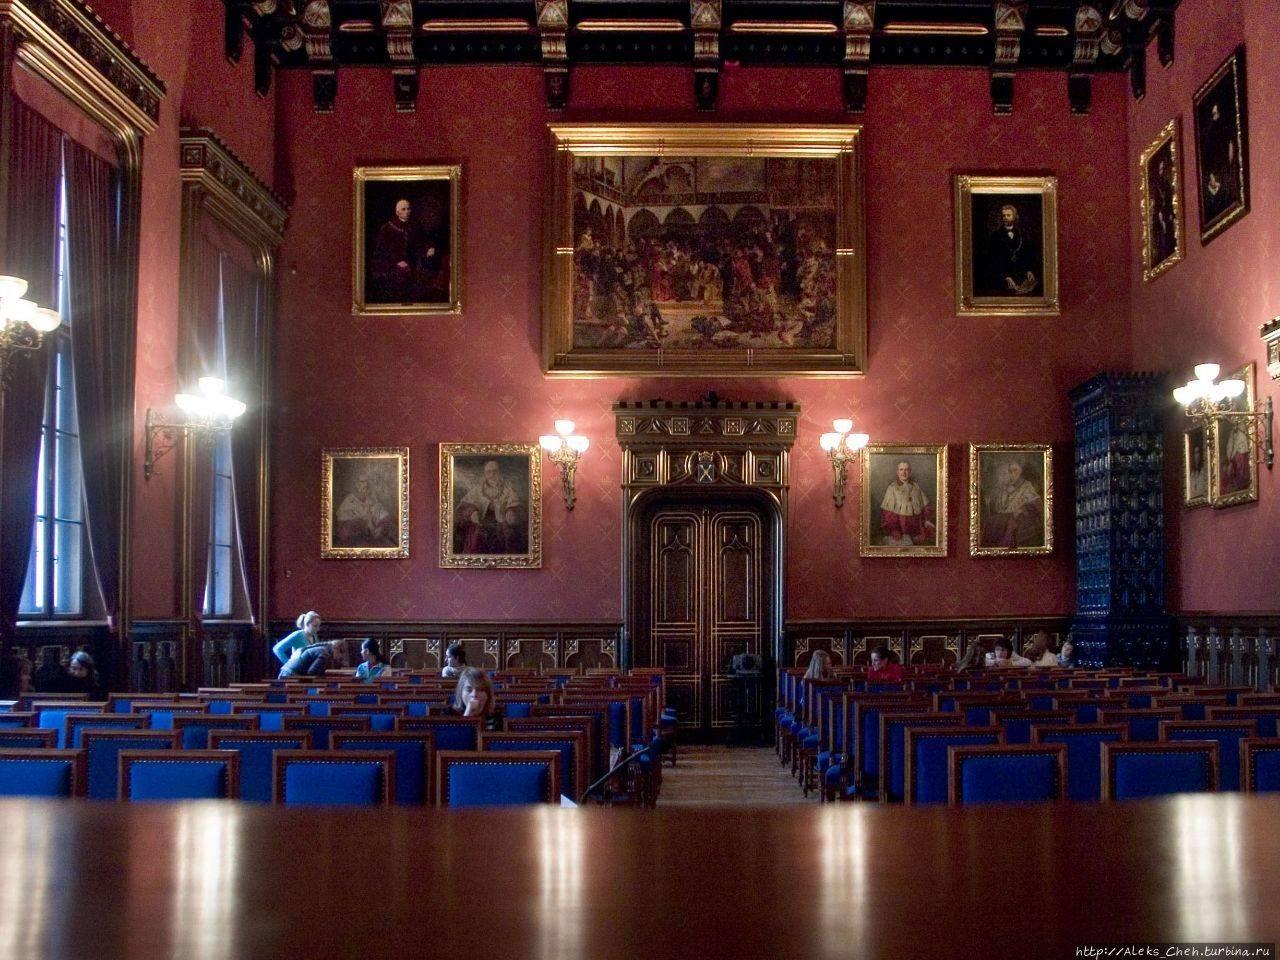 Ягеллонский университет – древнейший вуз европы